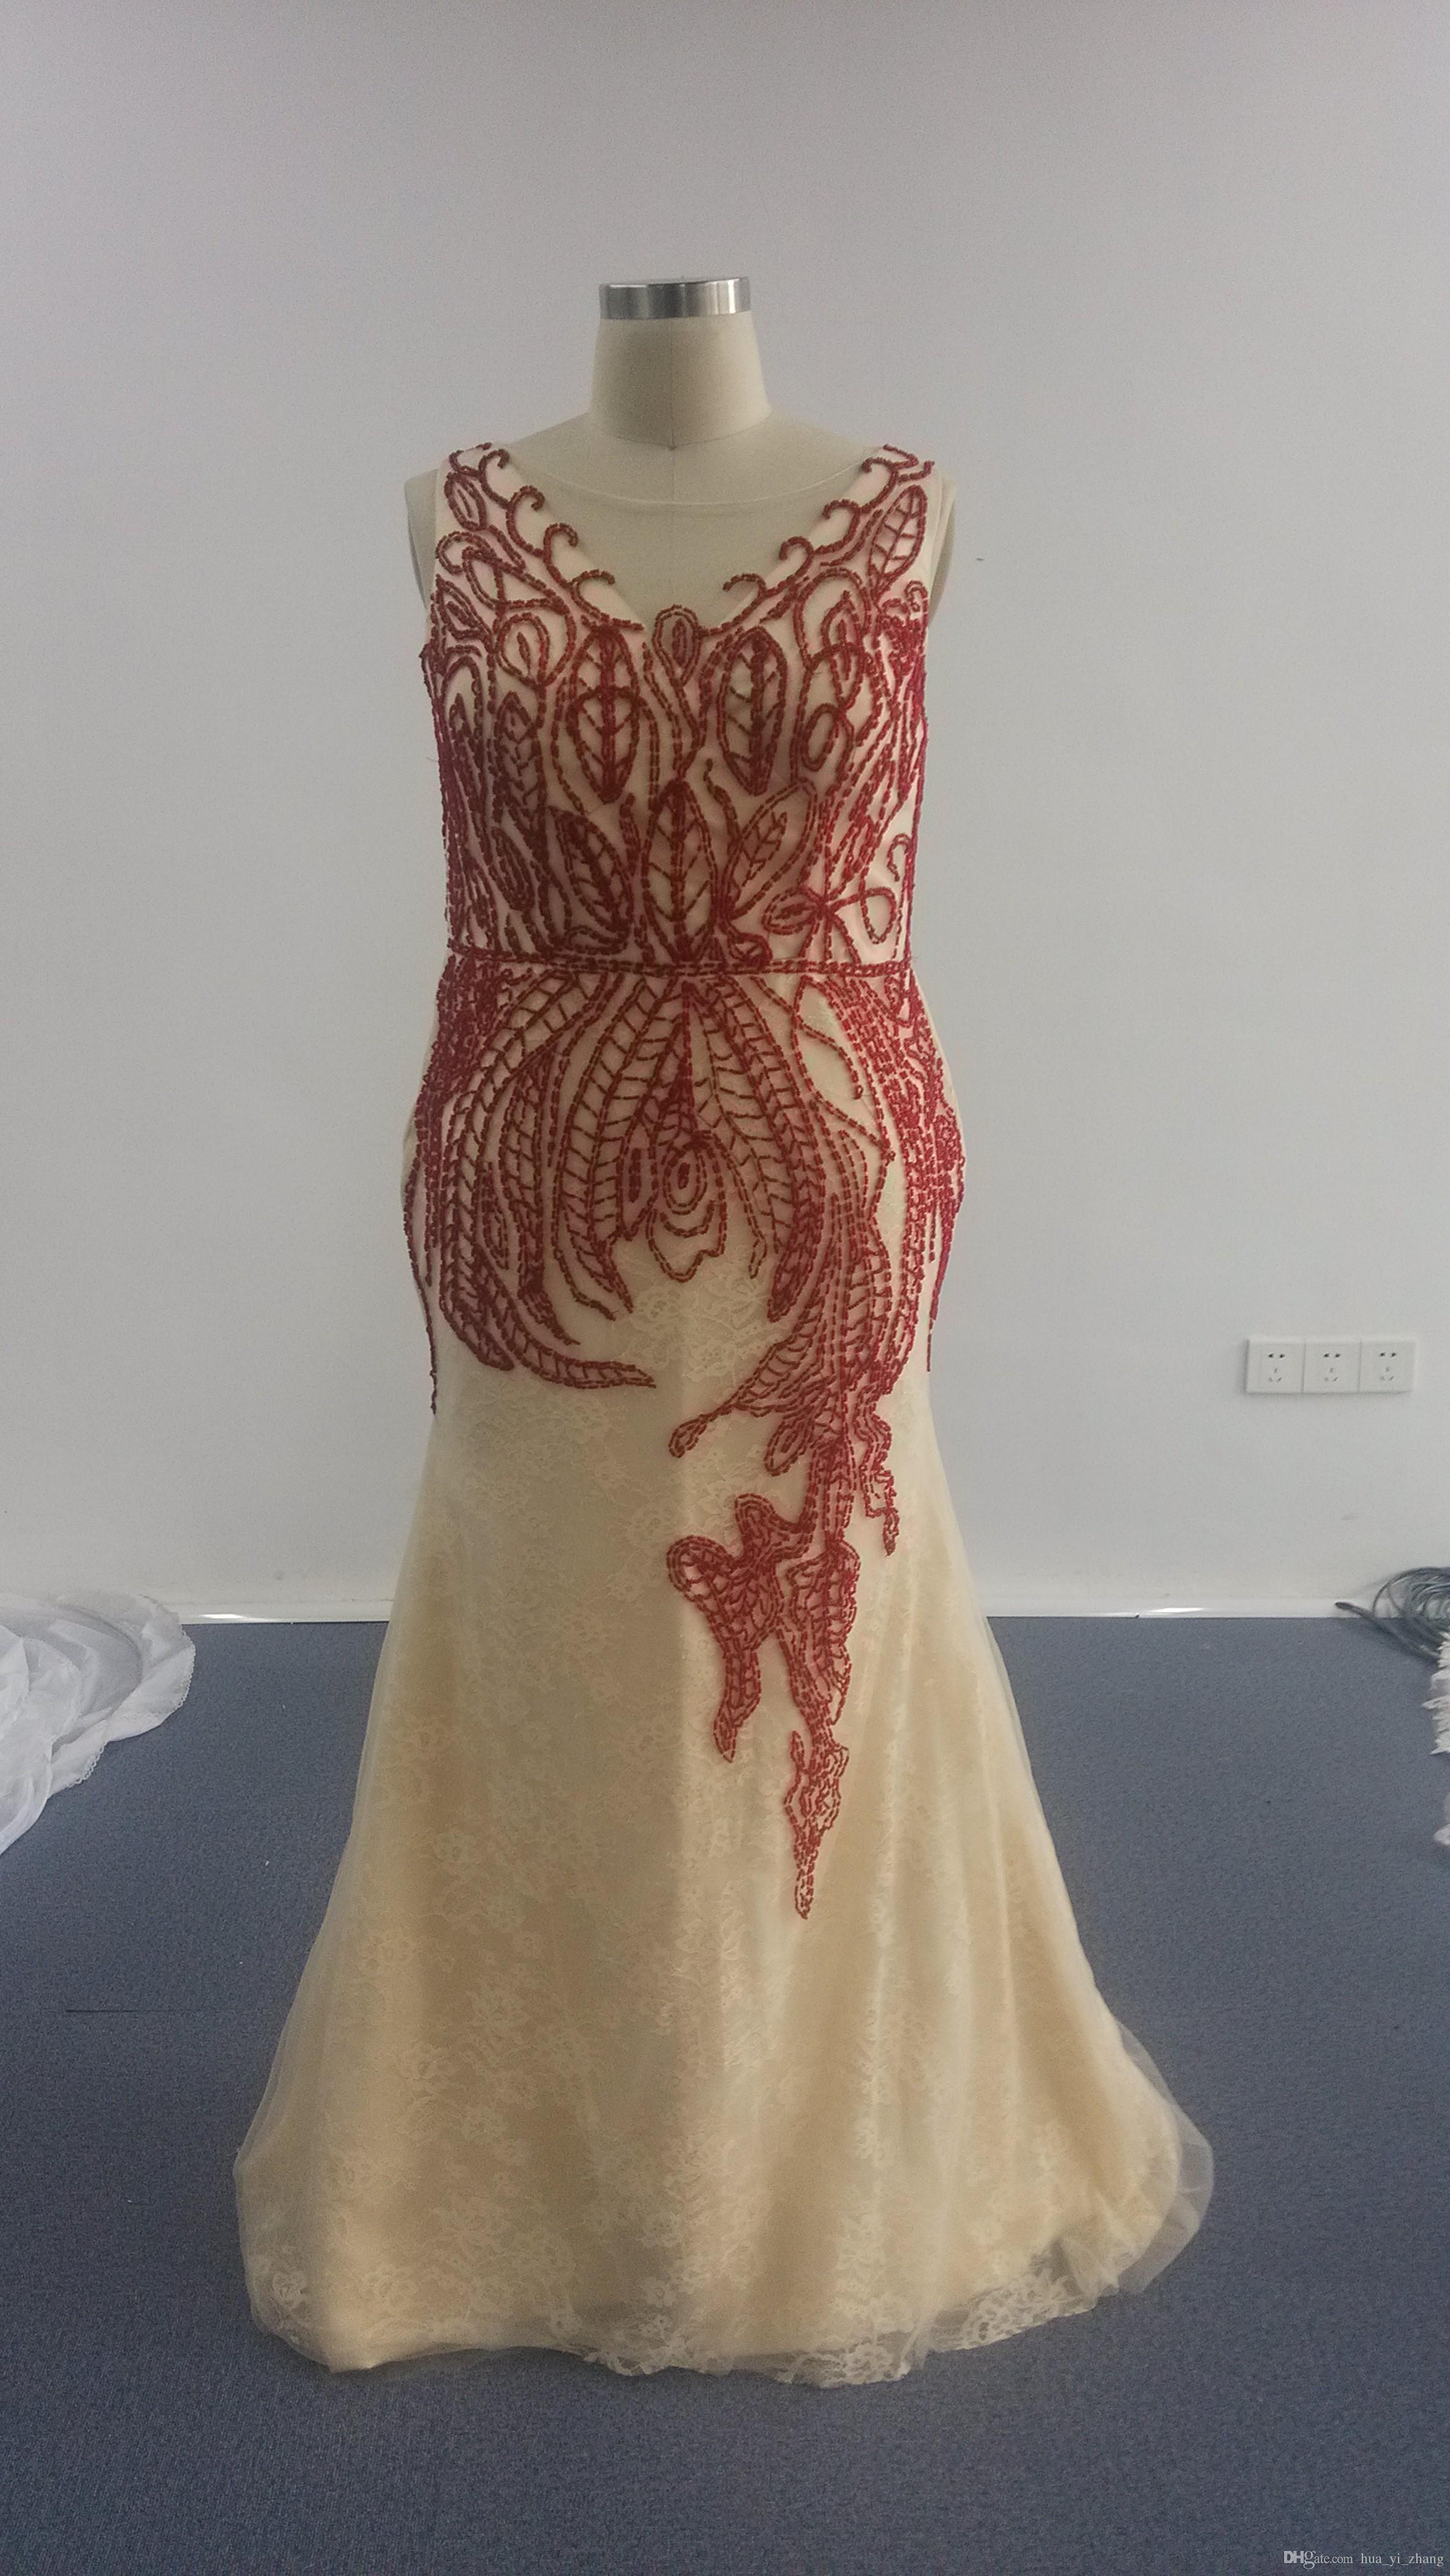 Champagner Abendkleider 2016 Sexy Meerjungfrau mit roter Stickerei Meerjungfrau V-Ausschnitt Tüll über Spitze Festzug Kleider